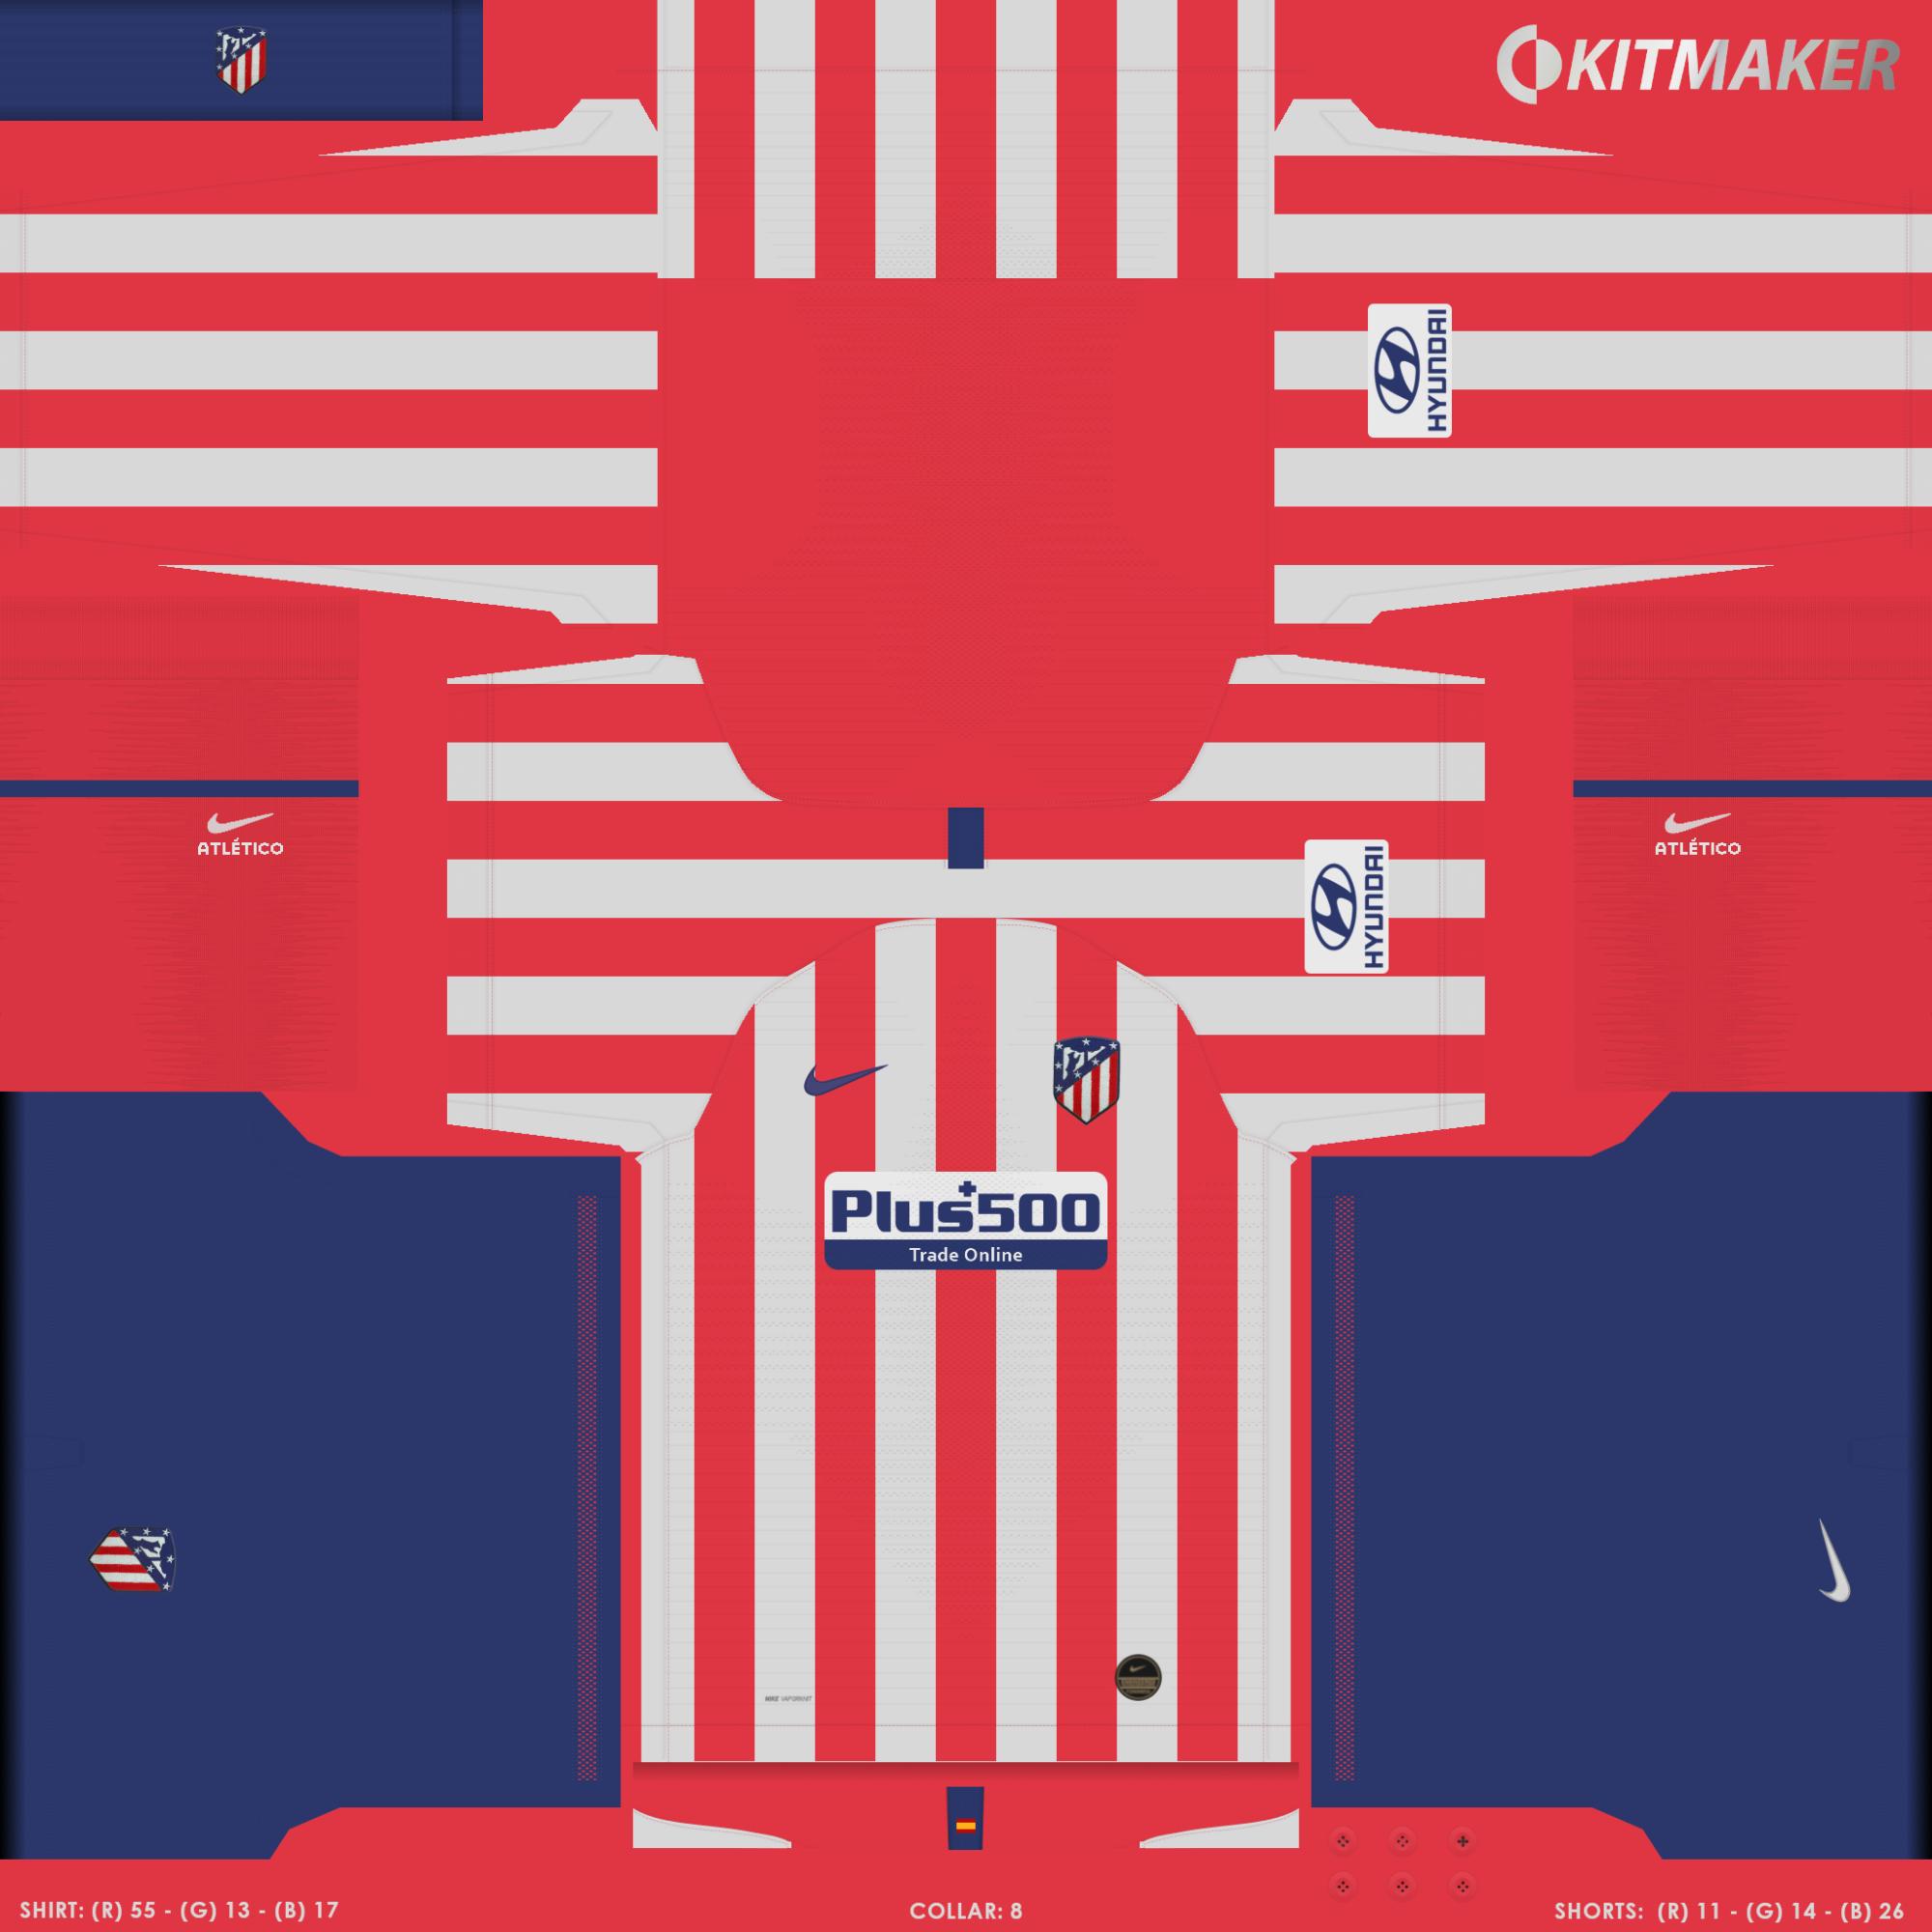 Atl Tico Madrid 1 2000x2000 PES La Liga Kits Pack 2019 2020